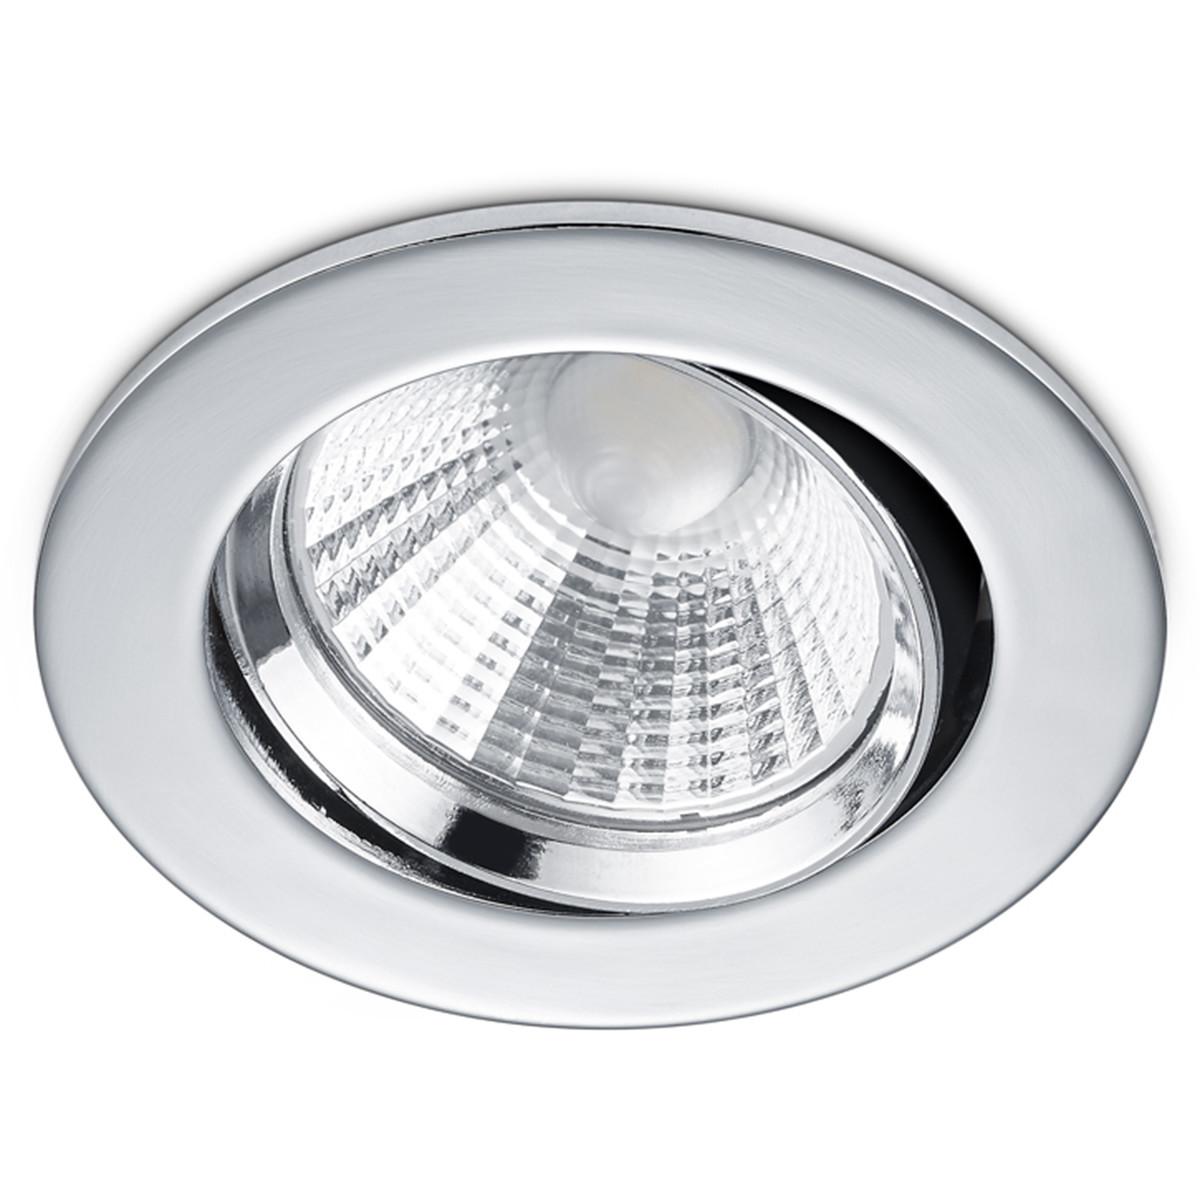 LED Spot - Inbouwspot - Trion Paniro - Rond 5W - Dimbaar - Warm Wit 3000K - Mat Chroom - Aluminium - Ø80mm